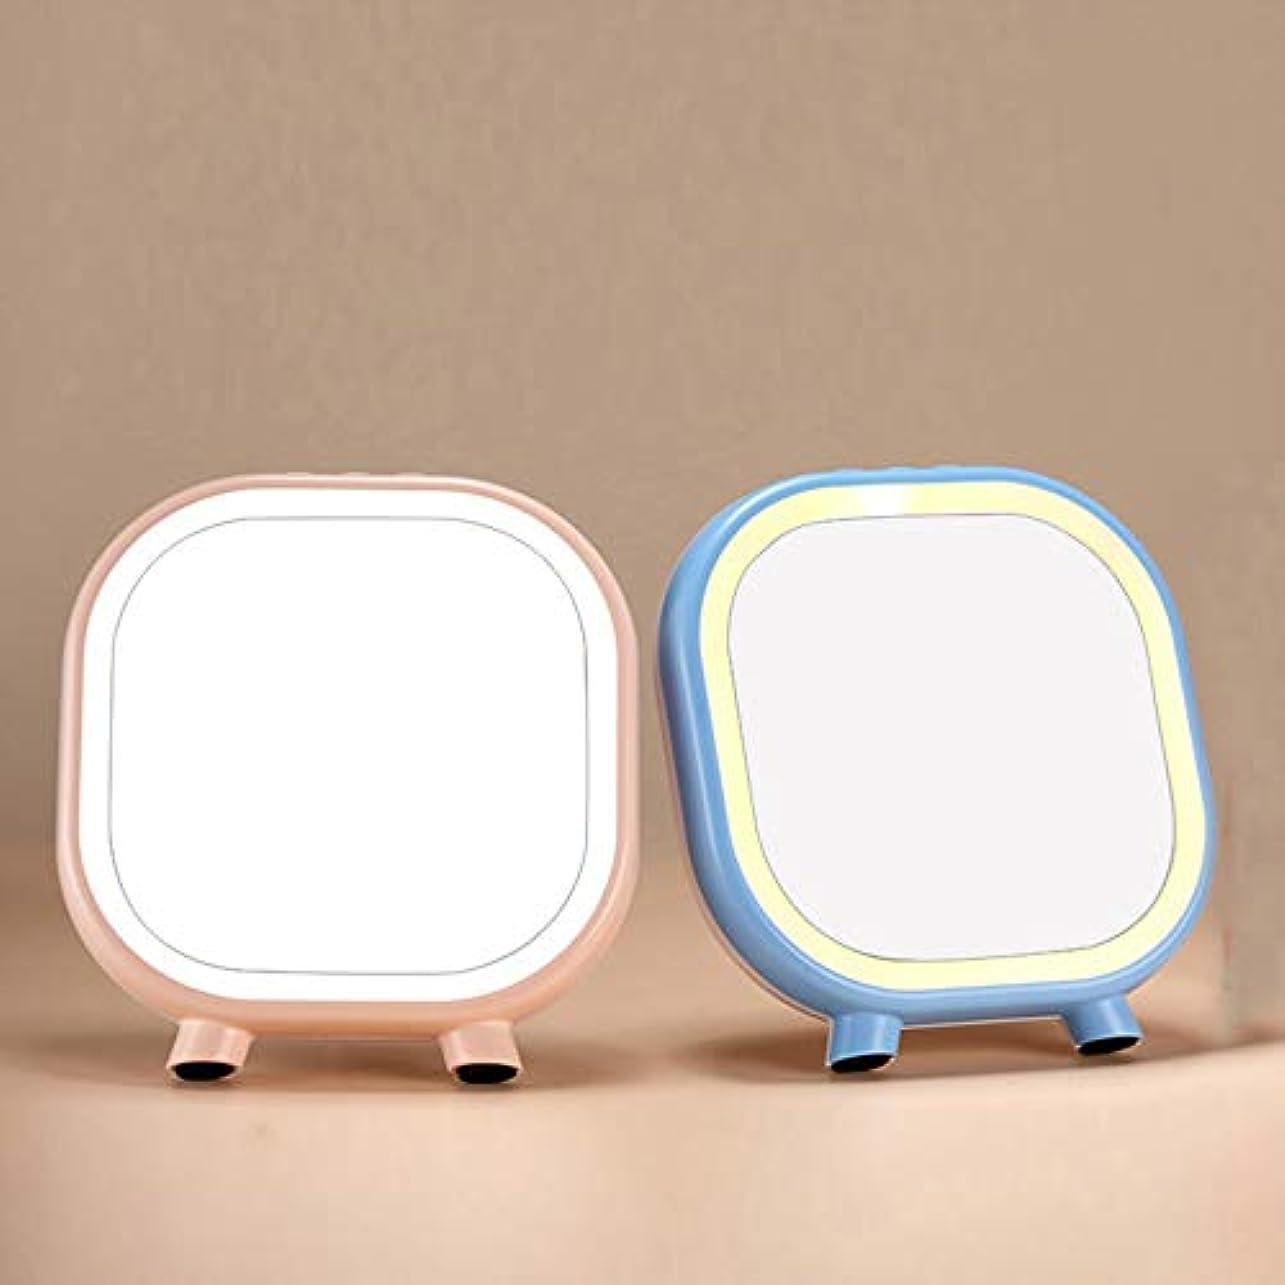 イライラするエンドウオーバーコート流行の クリエイティブ新しいLED照明ブルートゥーススピーカー美容ミラー化粧鏡化粧鏡ABS材料2ブルーブルー (色 : Blue)